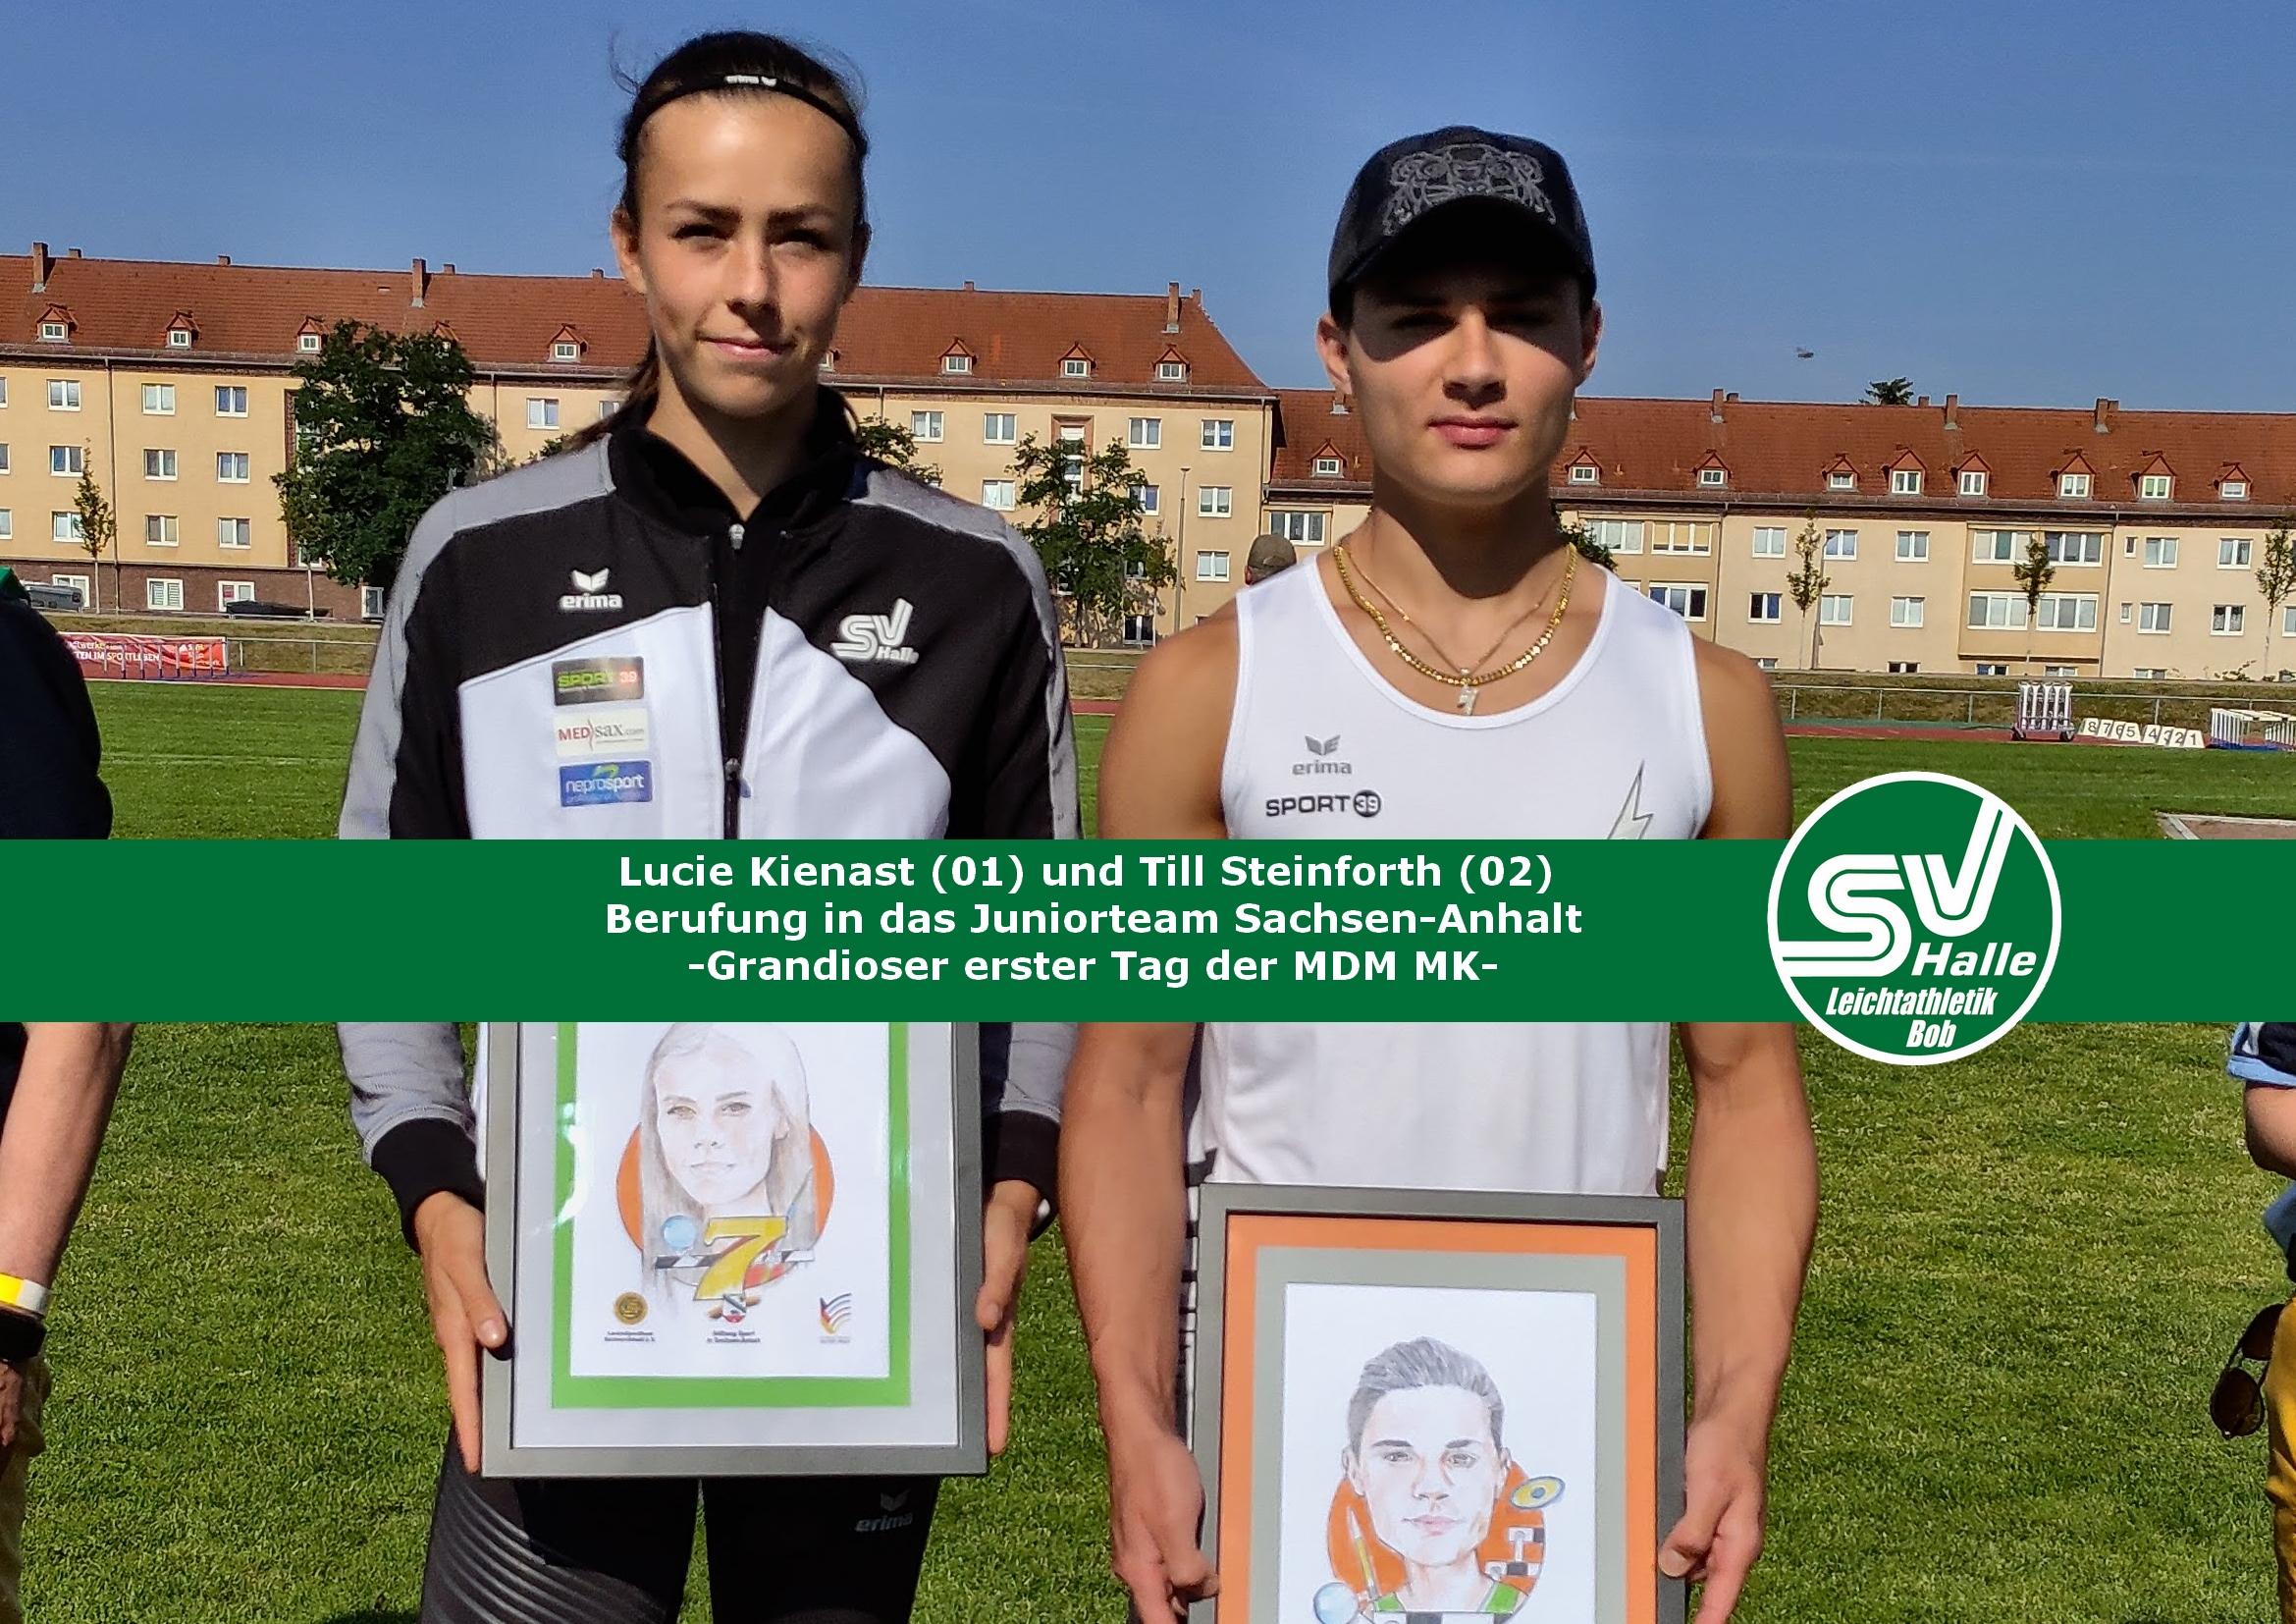 2020.07.18 - Juniorteam Berufung von Lucie Kienast und Till Steinforth2020.07.18 - Juniorteam Berufung von Lucie Kienast und Till Steinforth